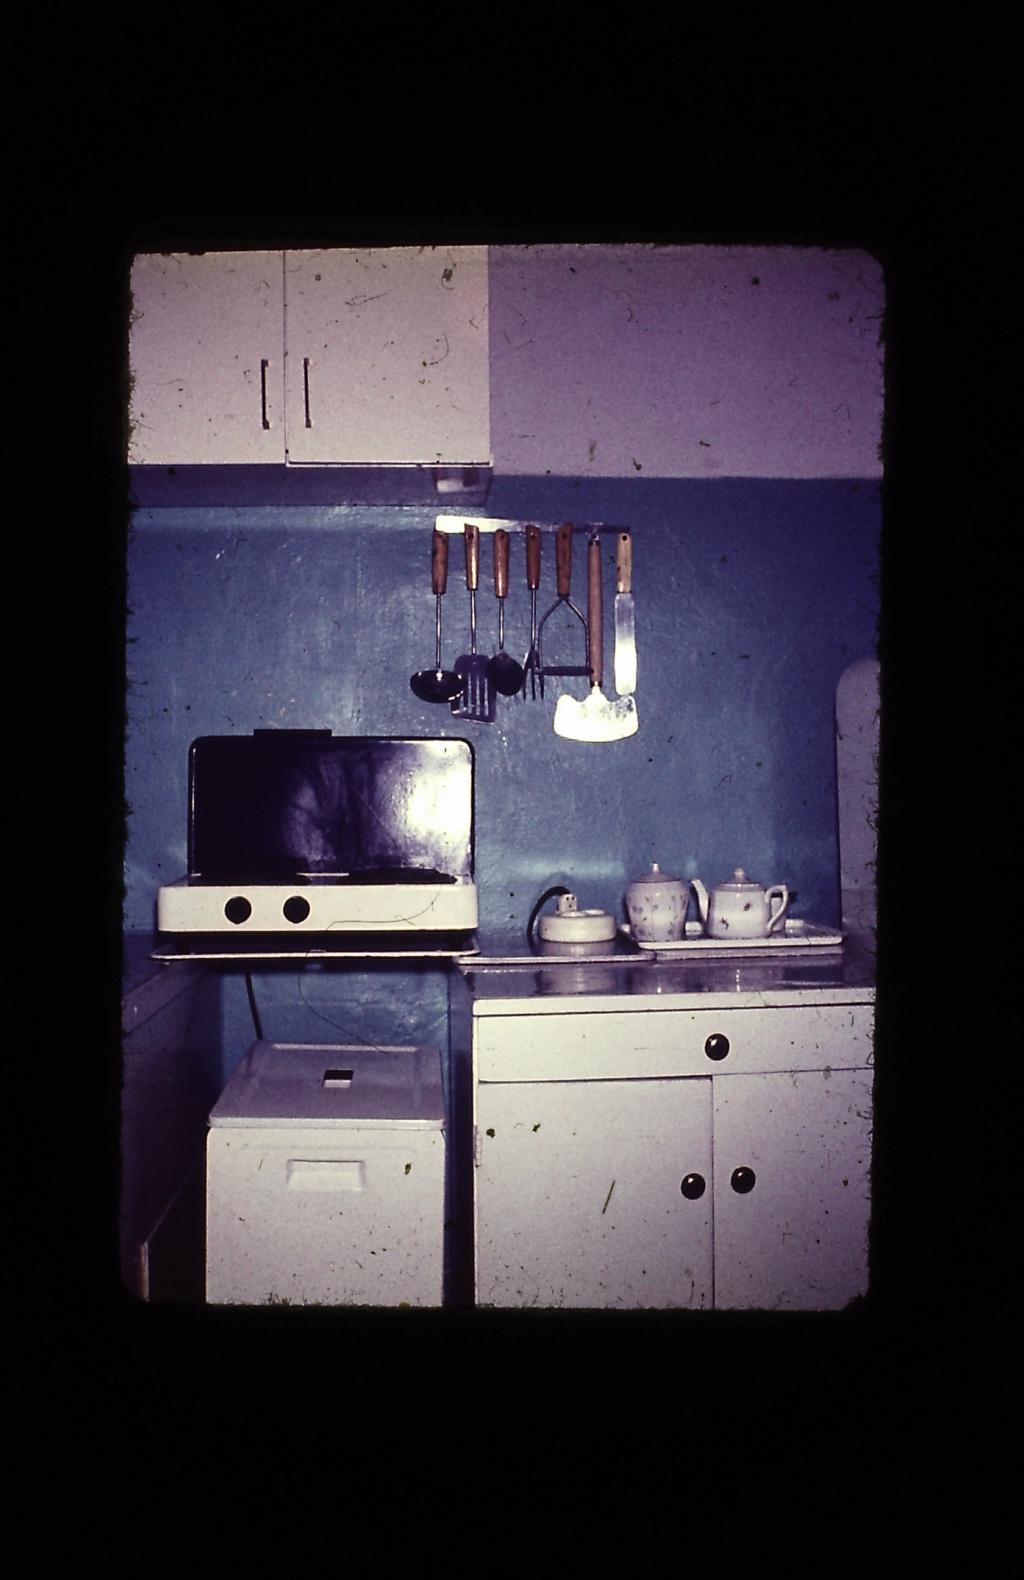 interieur d une maison annee 1975 Pict0010